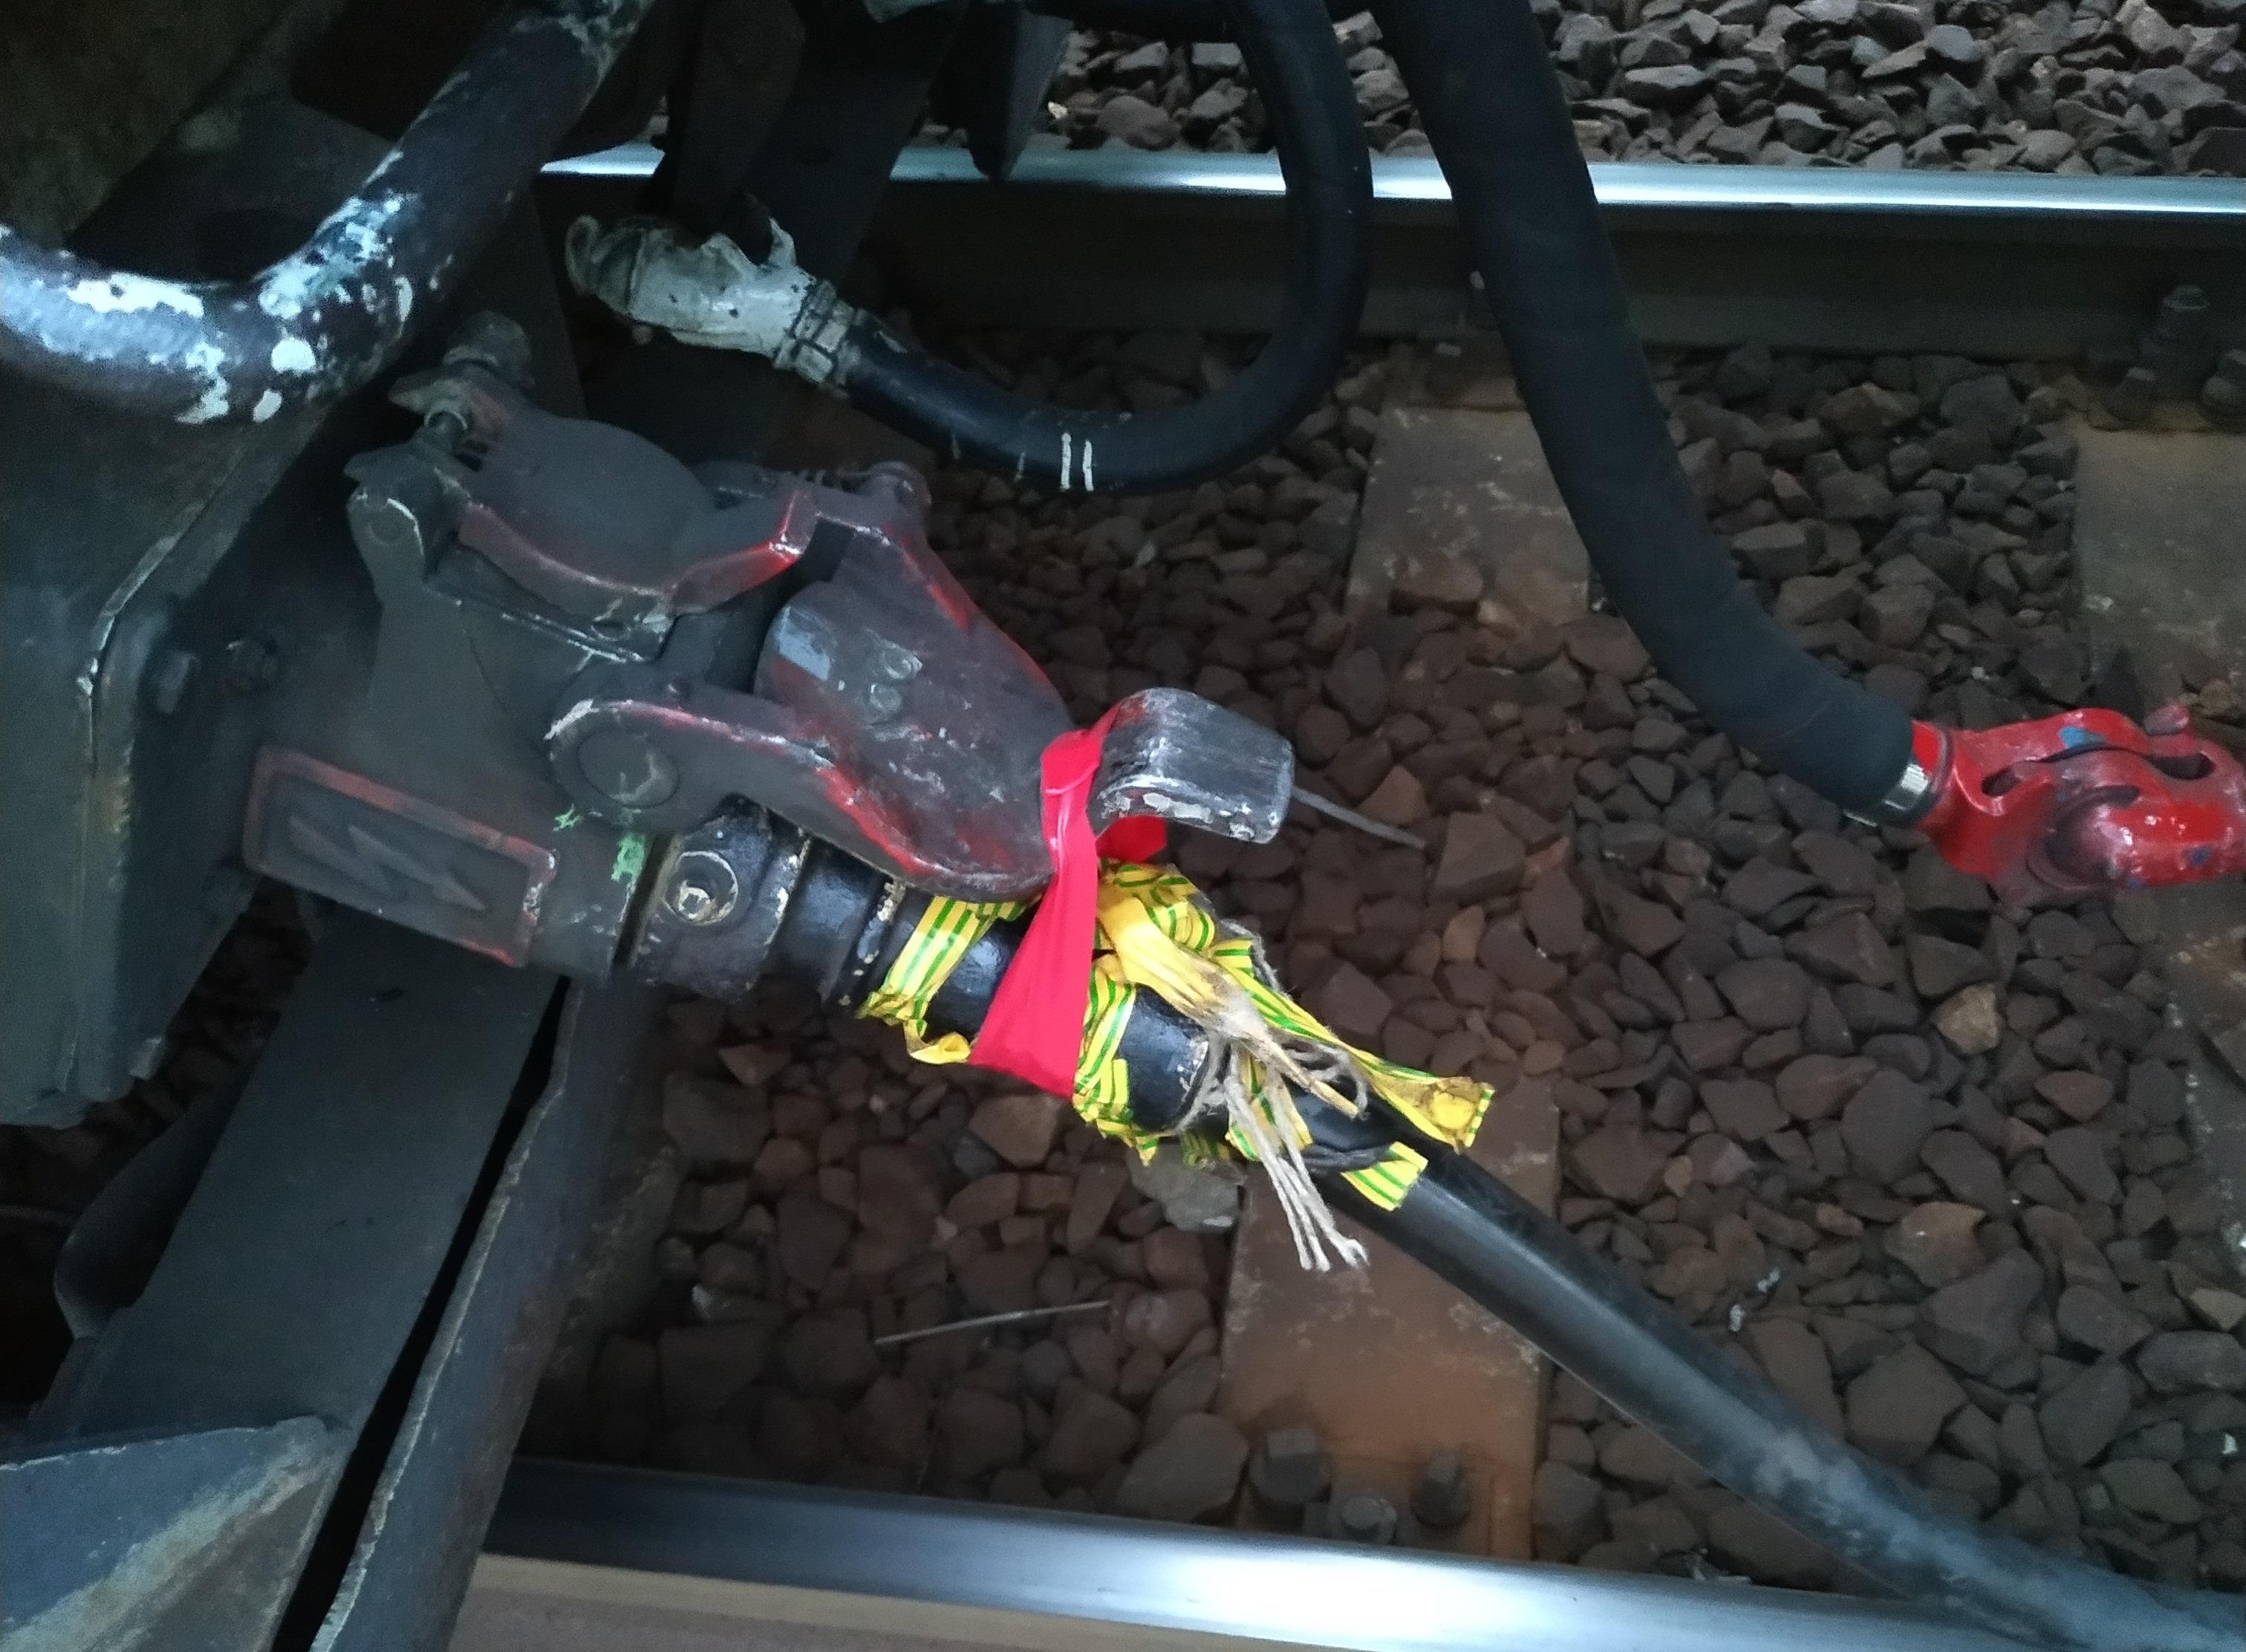 Egy olvasónk egy hónapja követi, hogy egy mozdony elektromos vezetékében szigetelőszalagokkal tartják a lelket